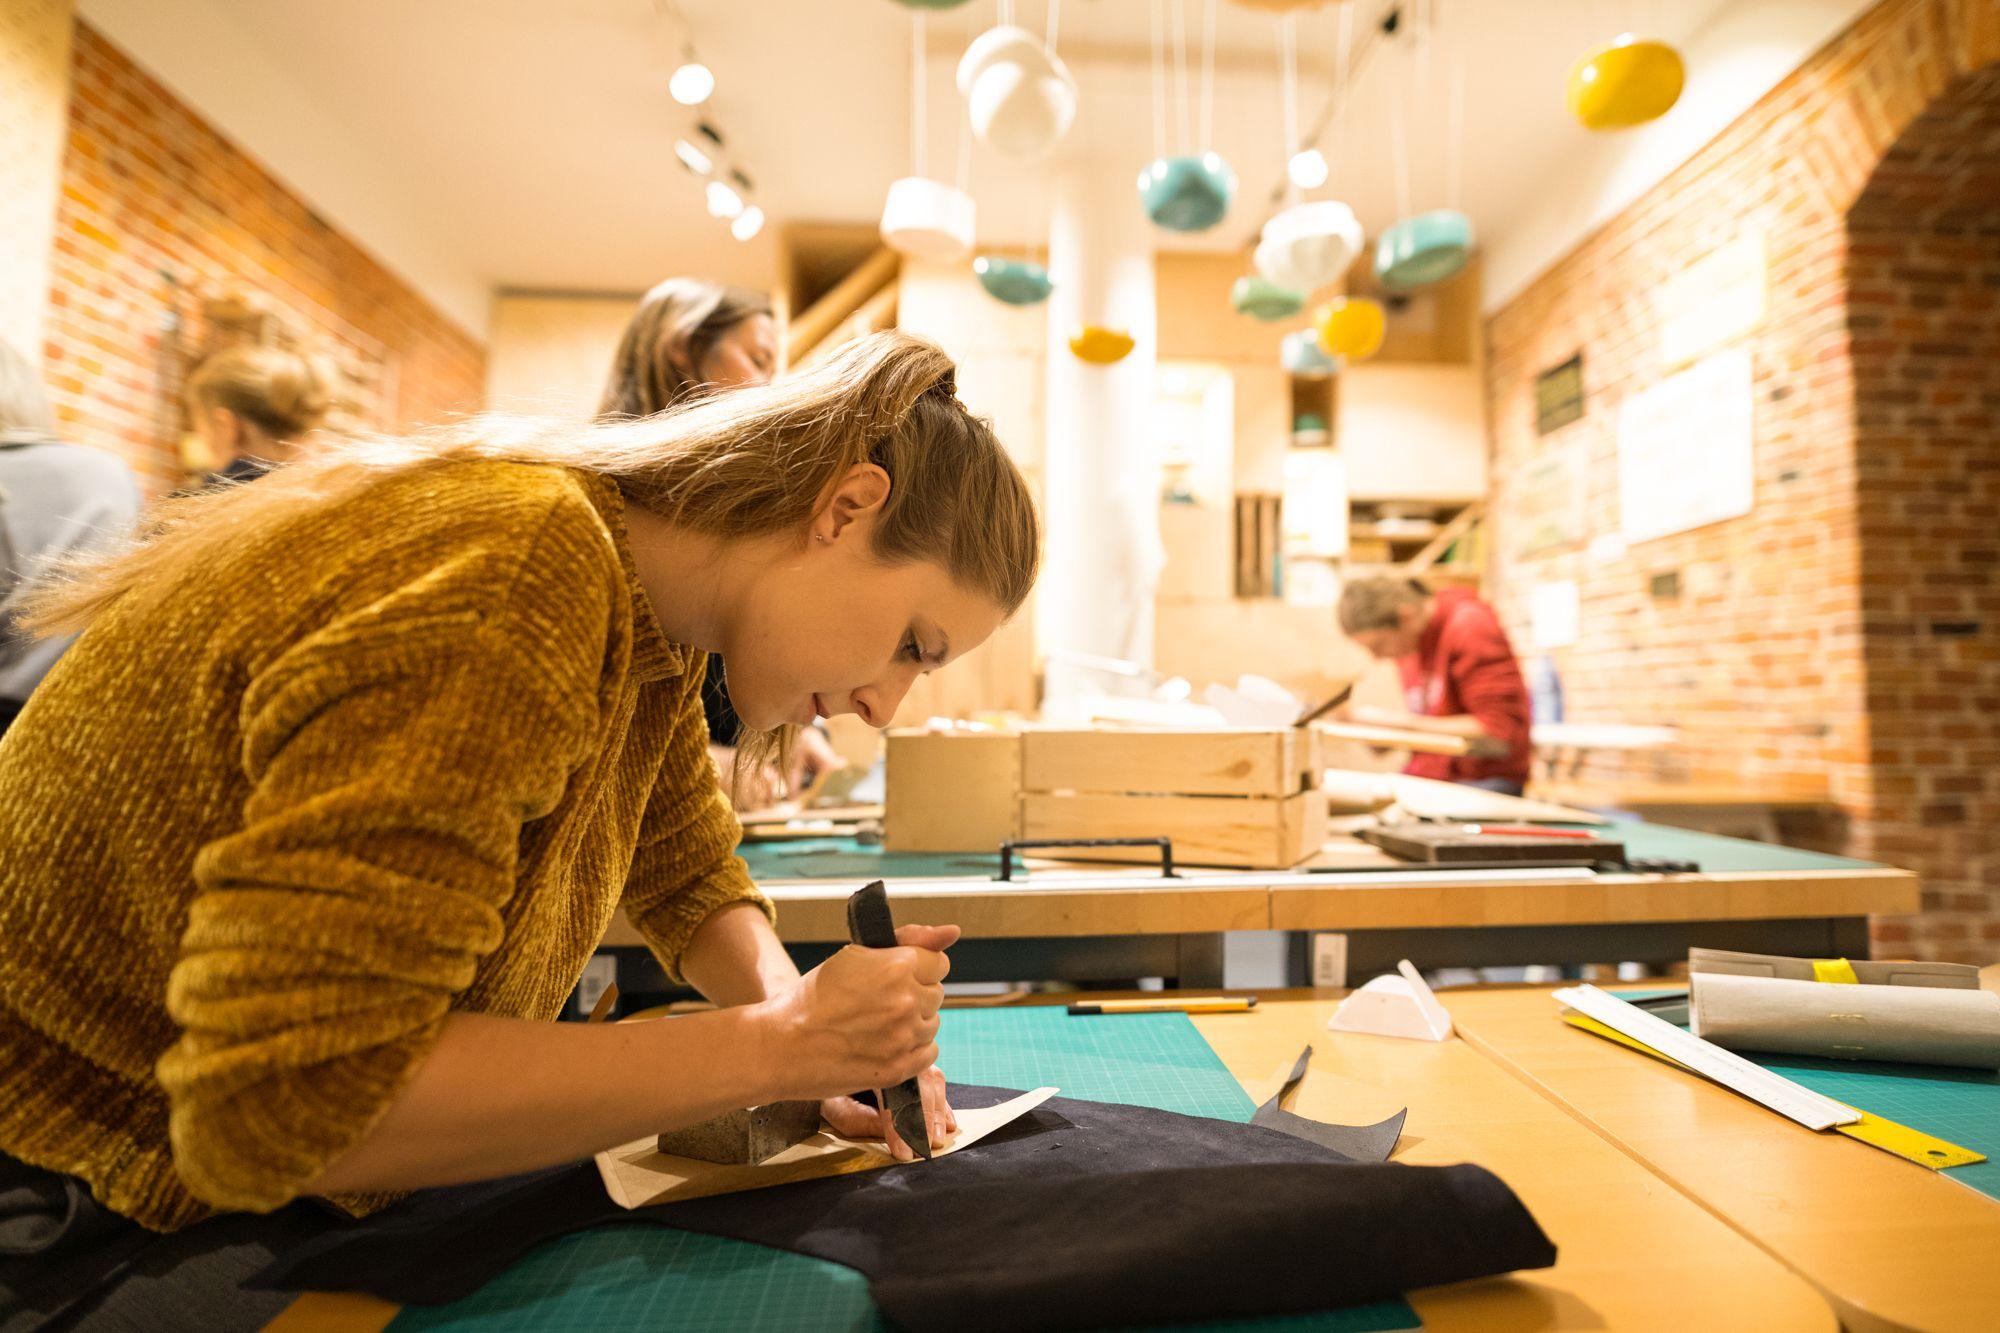 dziewczyna w trakcie pracy pochyla się nad blatem, w ręku ma narzędzia kaletnicze